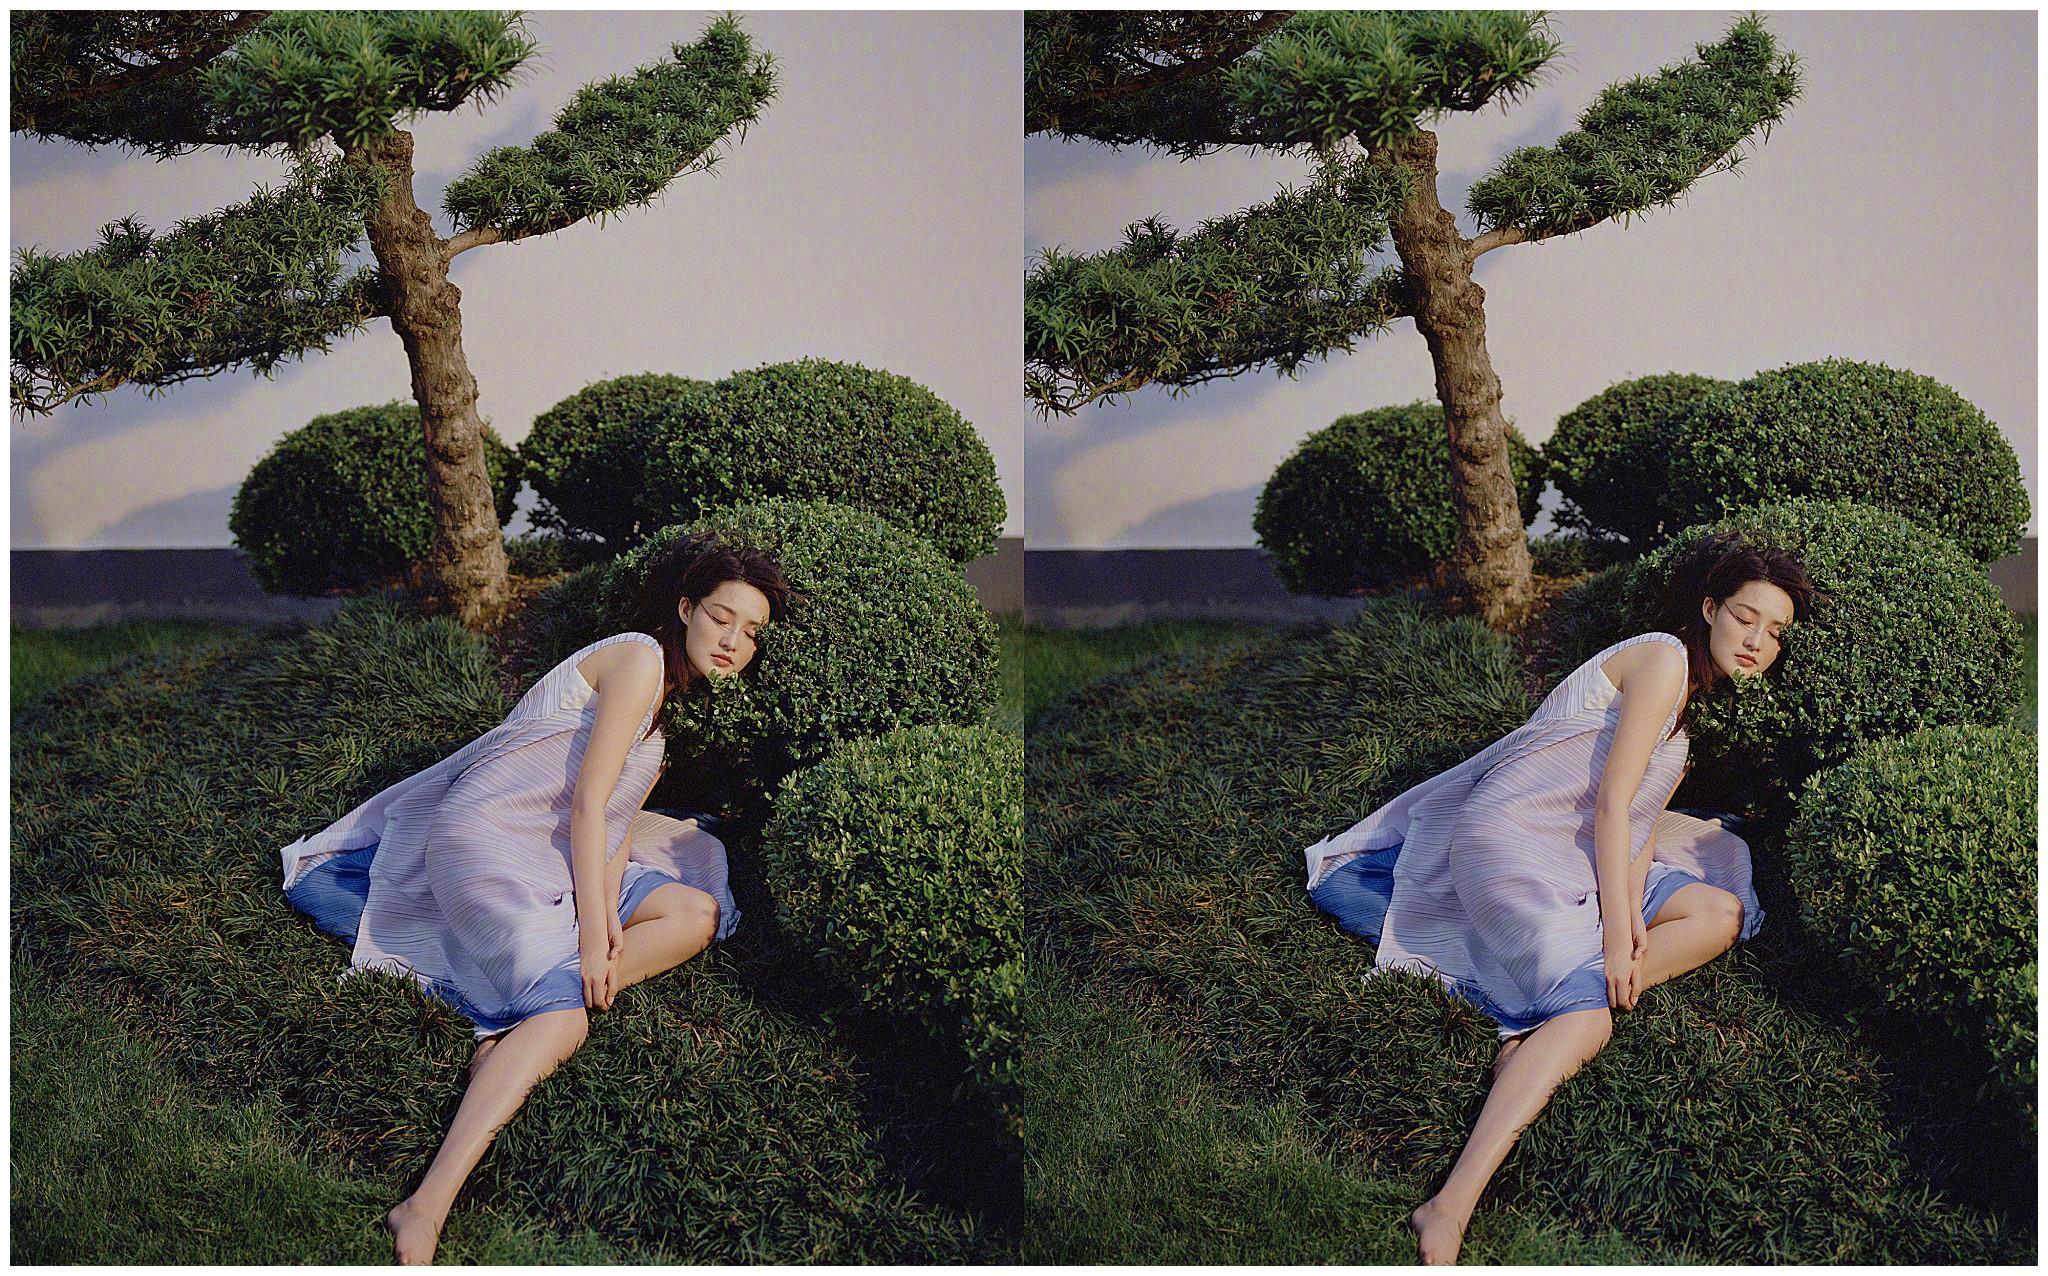 90后女星李沁秀身材,白裙飘飘,好似仙女下凡